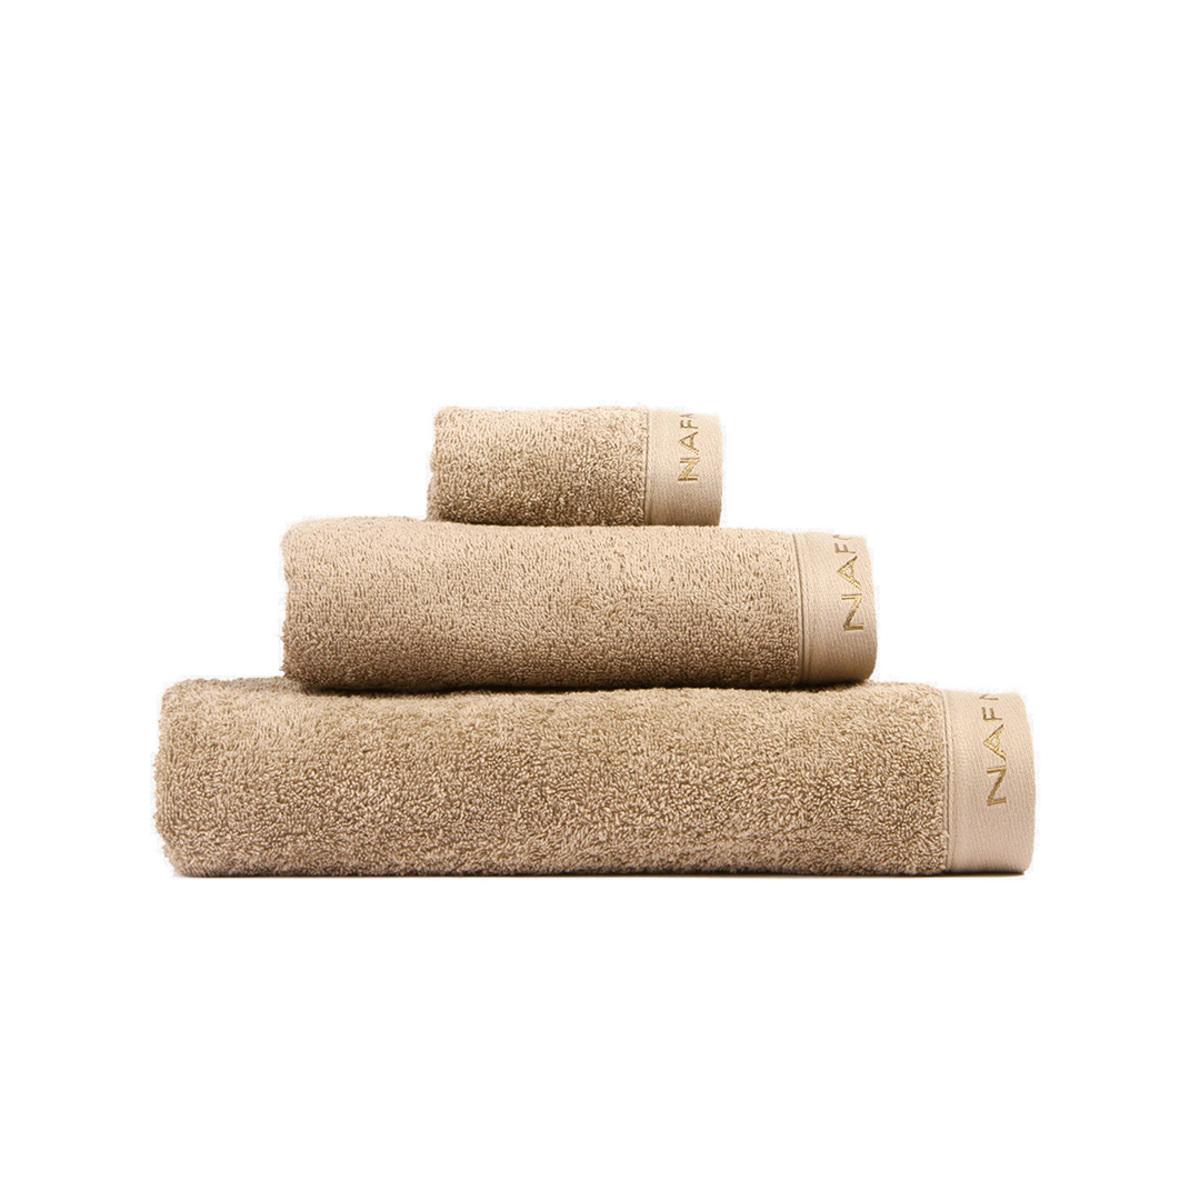 CASUAL - Set de bain trois pièces naturel